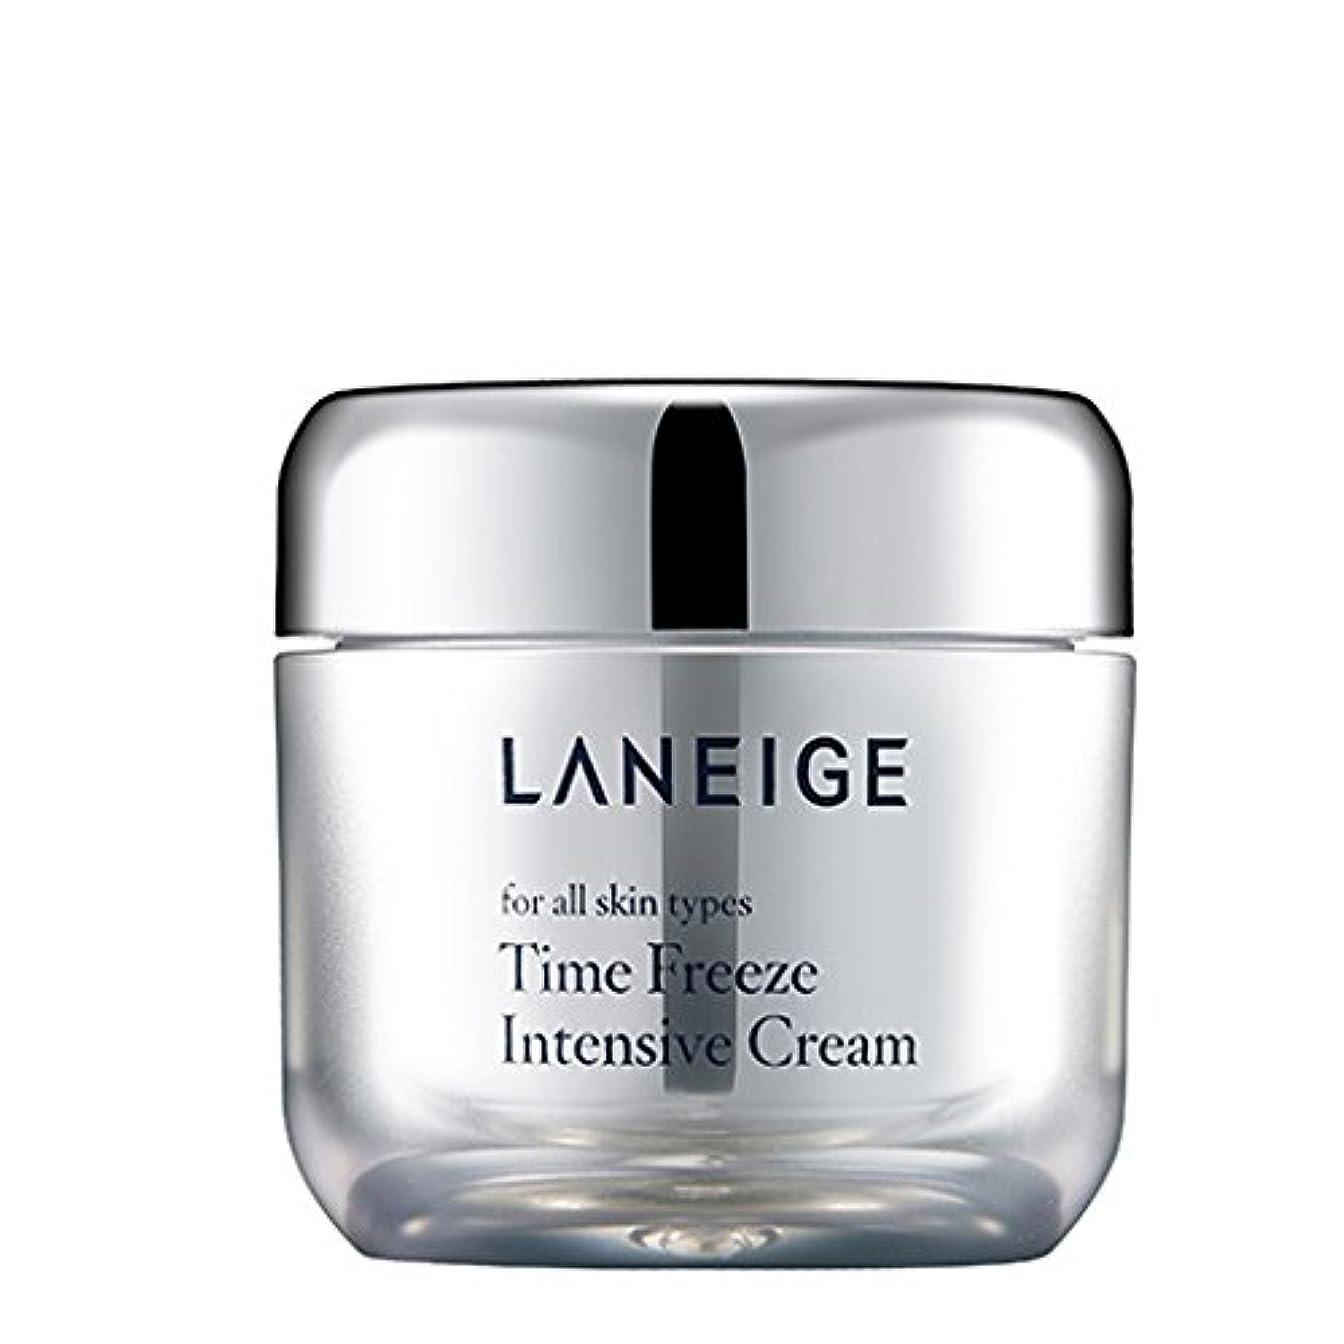 購入機転悪のラネジュ タイムフリーズインテンシブクリーム50ml Time Freeze Intensive Cream [海外直送品][並行輸入品]